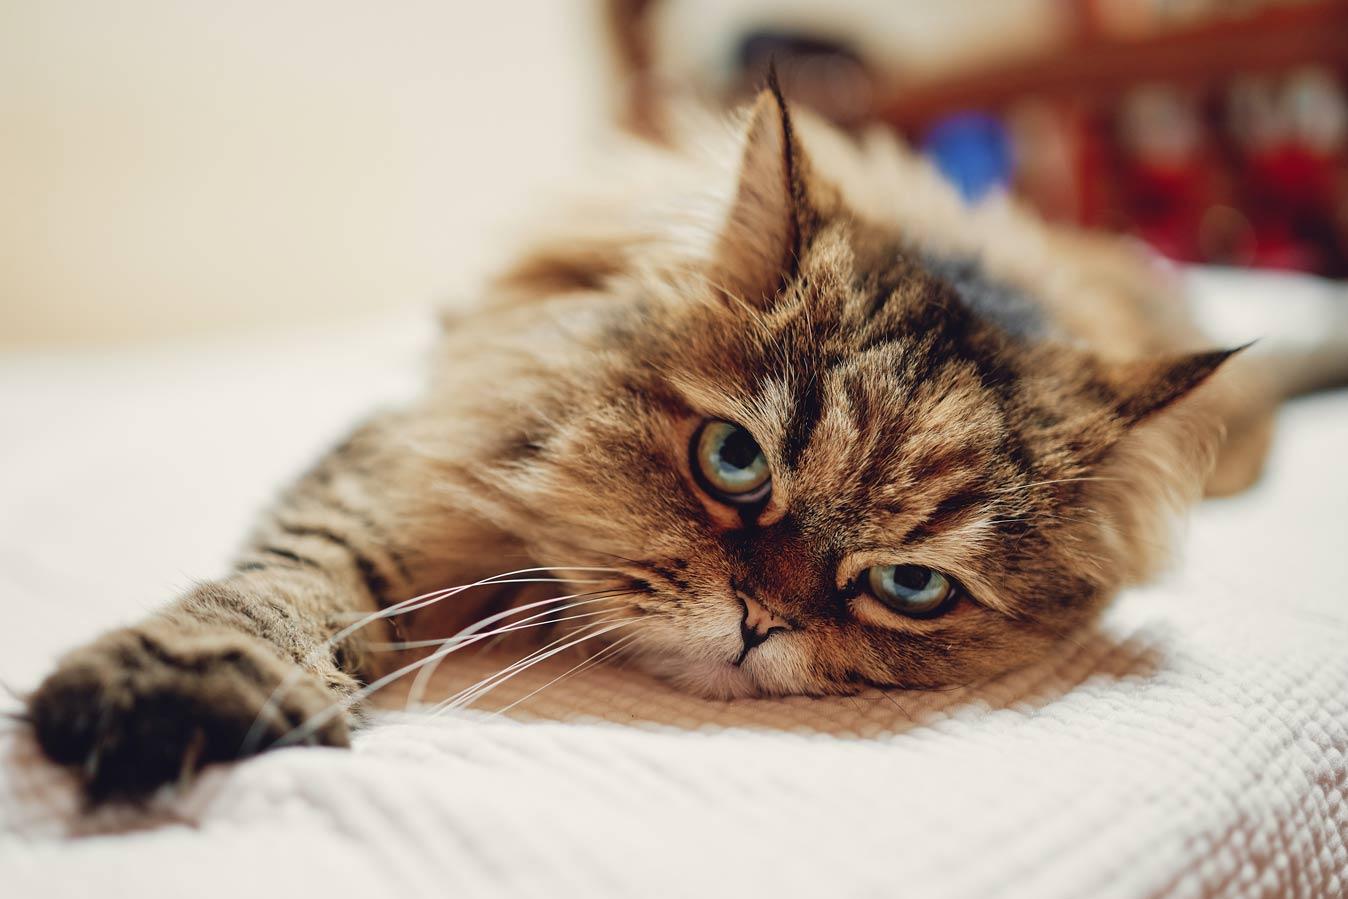 Даже кошки страдают от карантина, выяснили бельгийские ученые